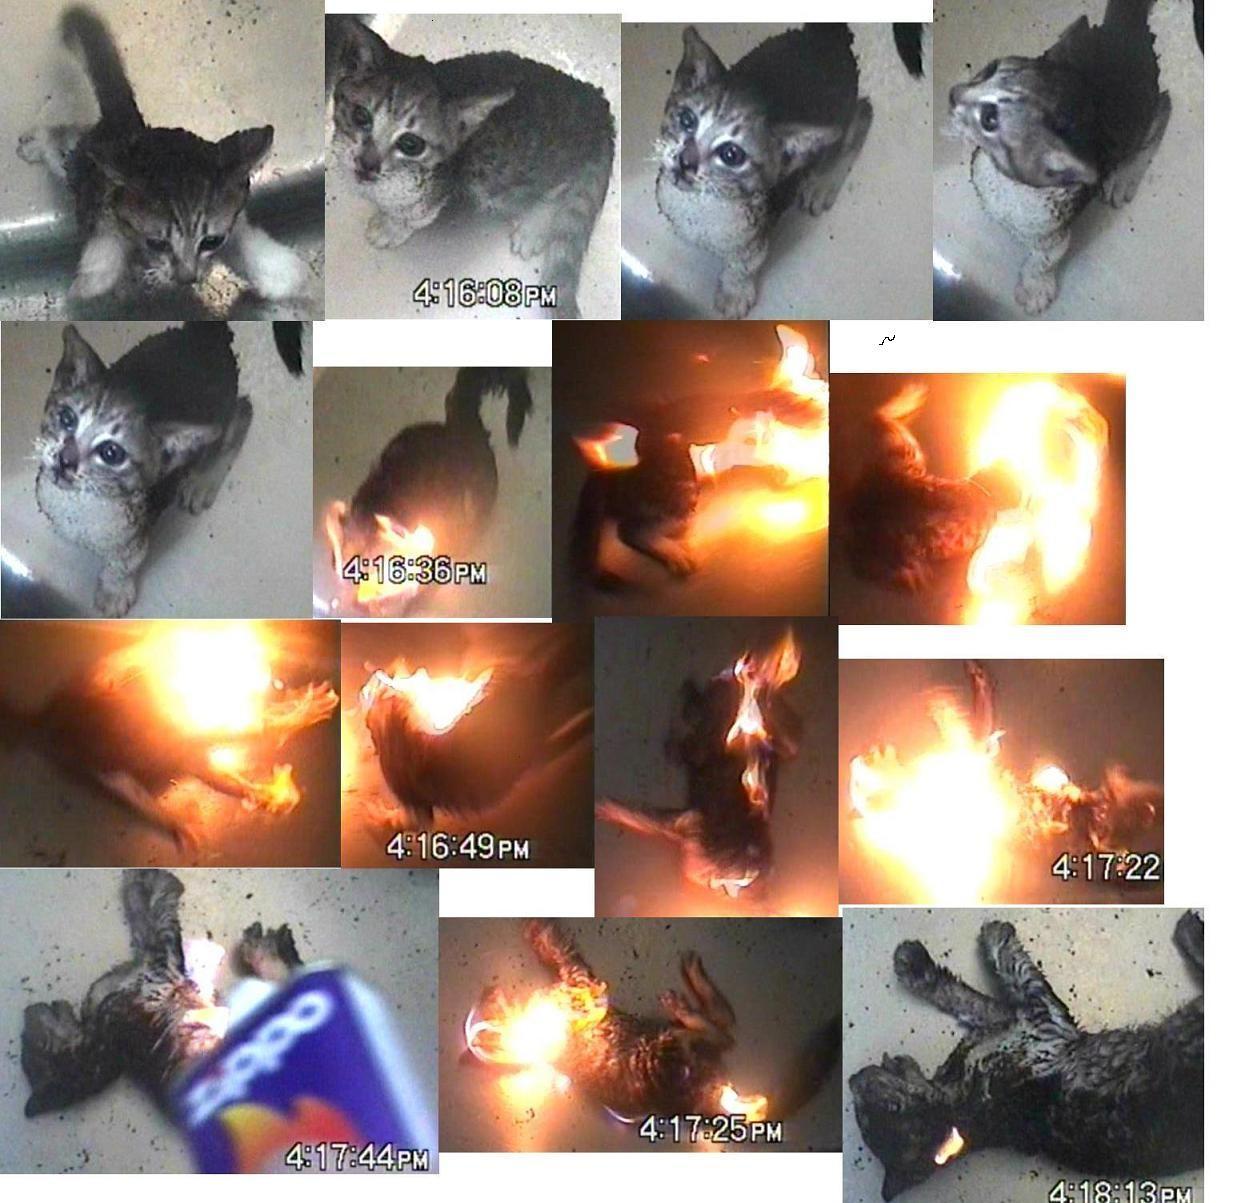 【淫乱】女神のオナニーが見たいpart40【女神】 [転載禁止]©bbspink.com->画像>235枚